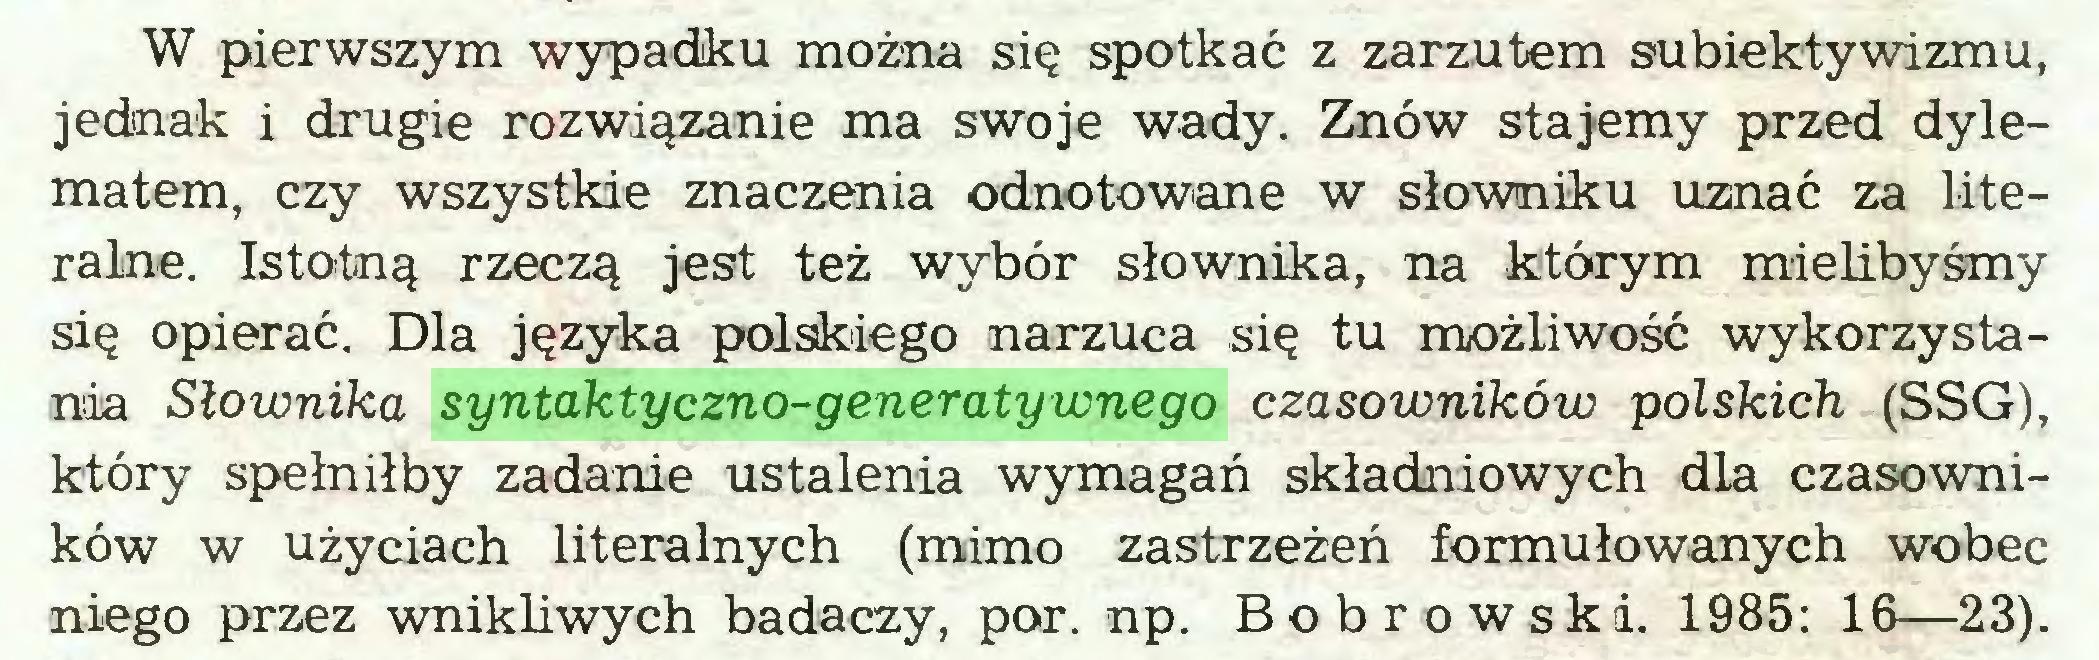 (...) W pierwszym wypadku można się spotkać z zarzutem subiektywizmu, jednak i drugie rozwiązanie ma swoje wady. Znów stajemy przed dylematem, czy wszystkie znaczenia odnotowane w słowniku uznać za literalne. Istotną rzeczą jest też wybór słownika, na którym mielibyśmy się opierać. Dla języka polskiego narzuca się tu możliwość wykorzystania Słownika syntaktyczno-generatywnego czasowników polskich (SSG), który spełniłby zadanie ustalenia wymagań składniowych dla czasowników w użyciach literalnych (mimo zastrzeżeń formułowanych wobec niego przez wnikliwych badaczy, por. np. Bobrowska. 1985: 16—23)...